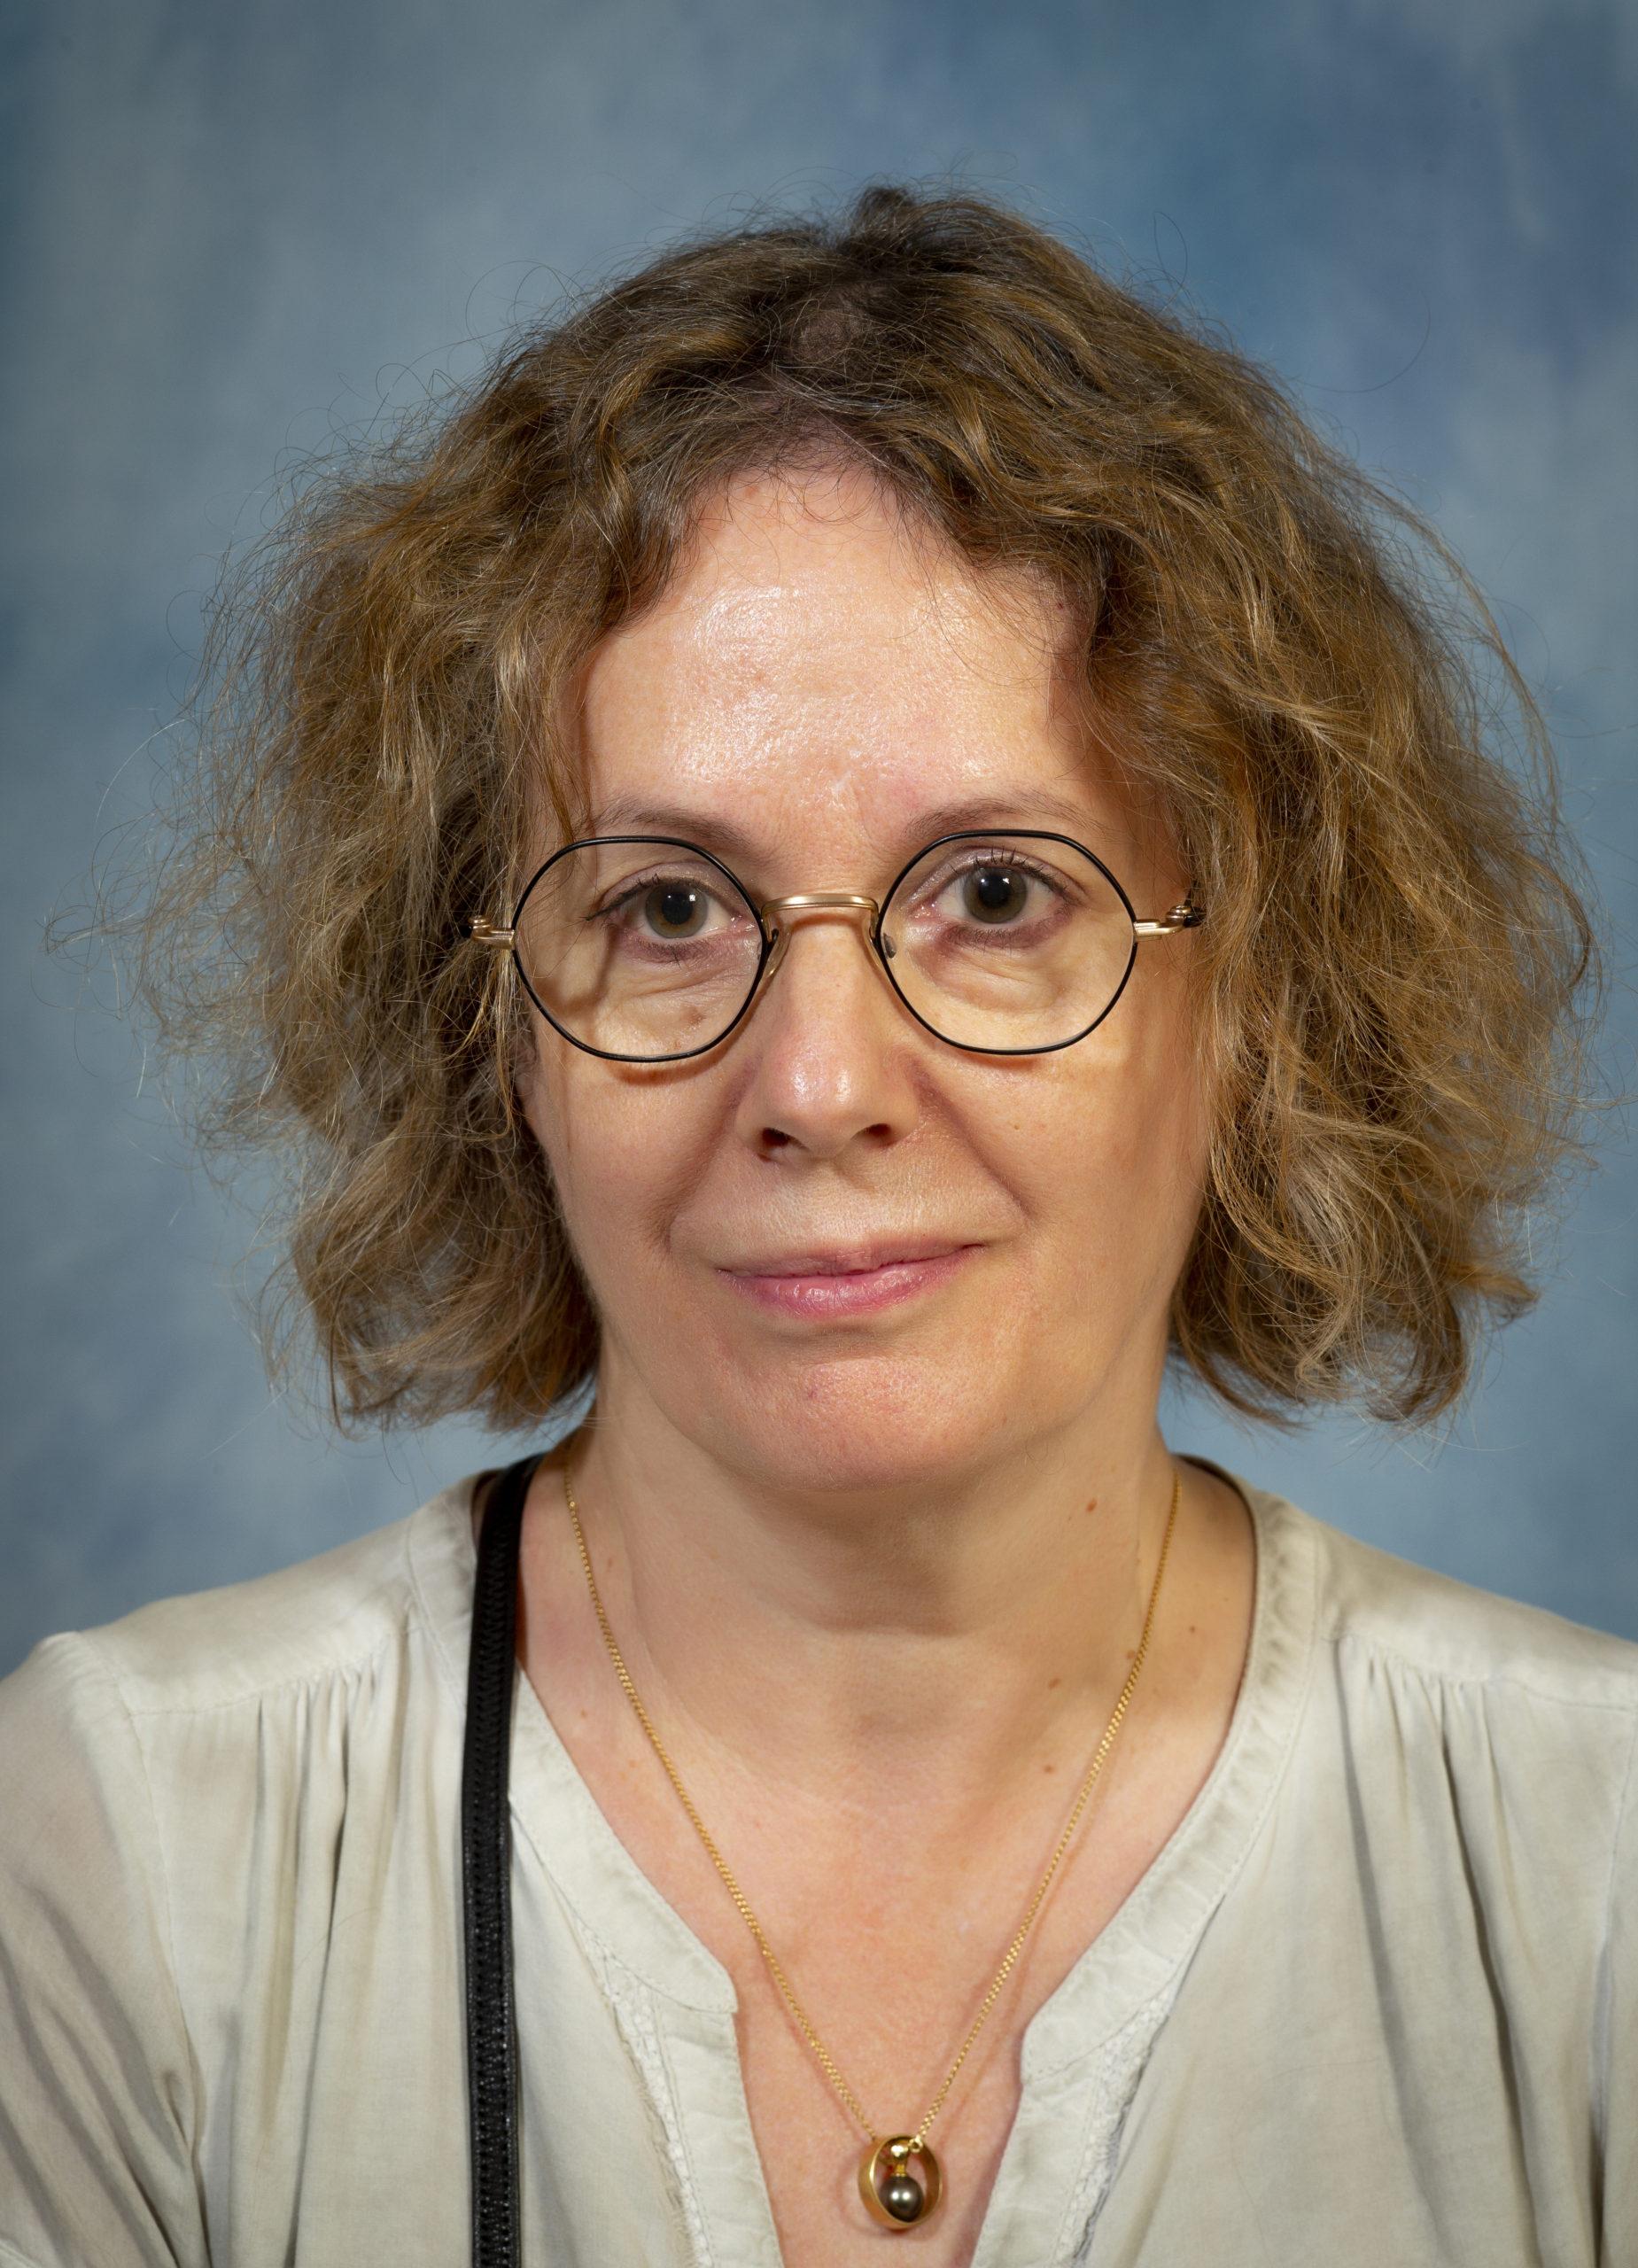 Marie-Chantal CALMES